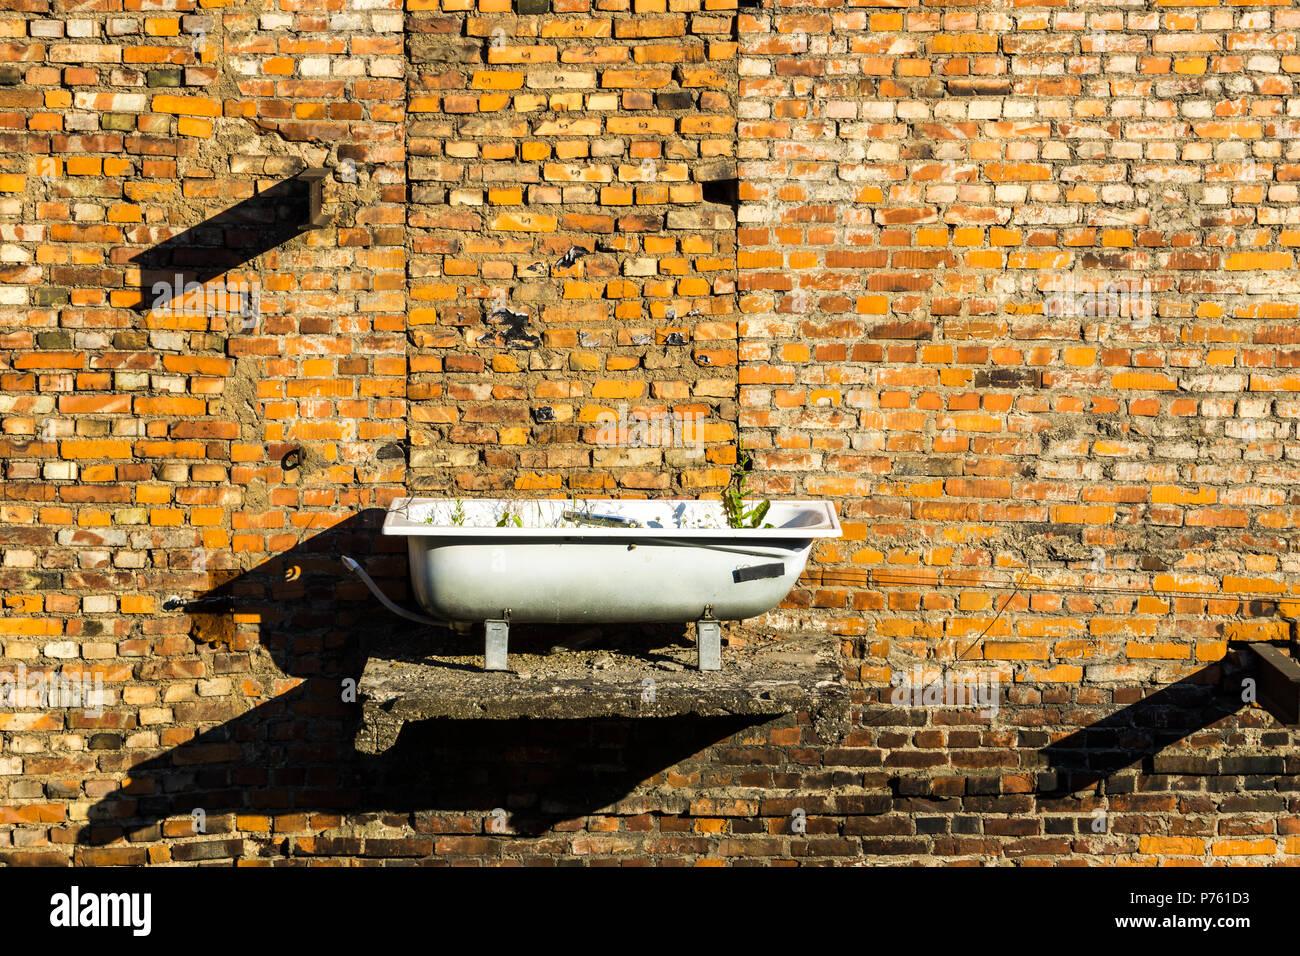 Gut bekannt Roter Stein gemauerte Wand mit Badewanne als Blumentopf verwendet VB06